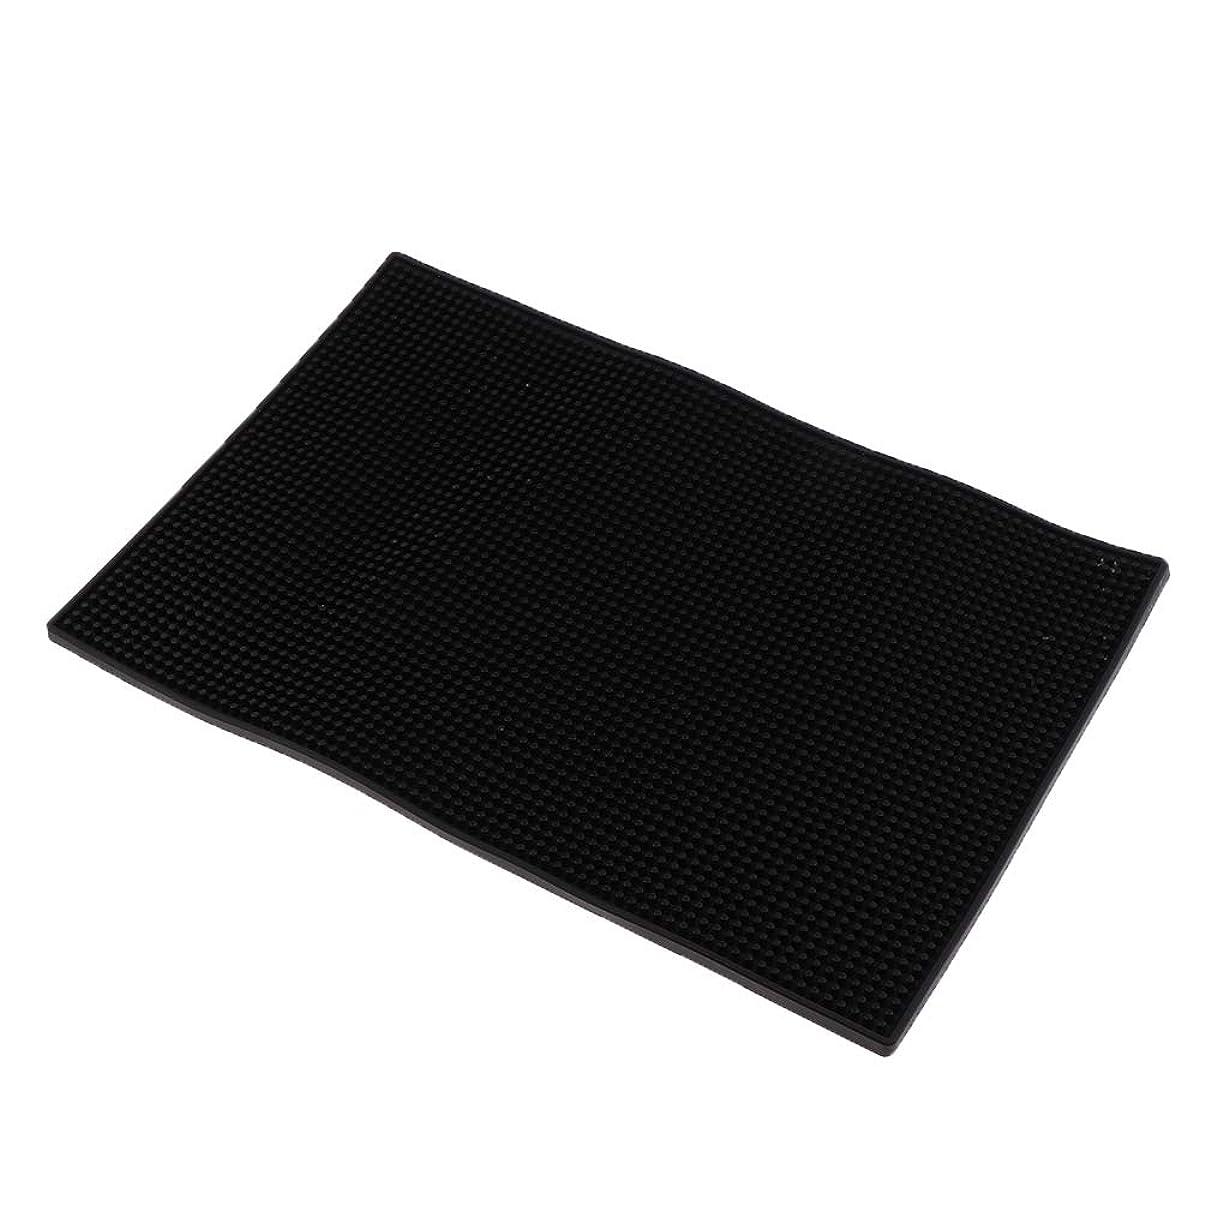 センチメンタルエリート落胆させるToygogo マニキュアツール ネイルアートクッション ピロー シリコンマット 全3色 - 黒